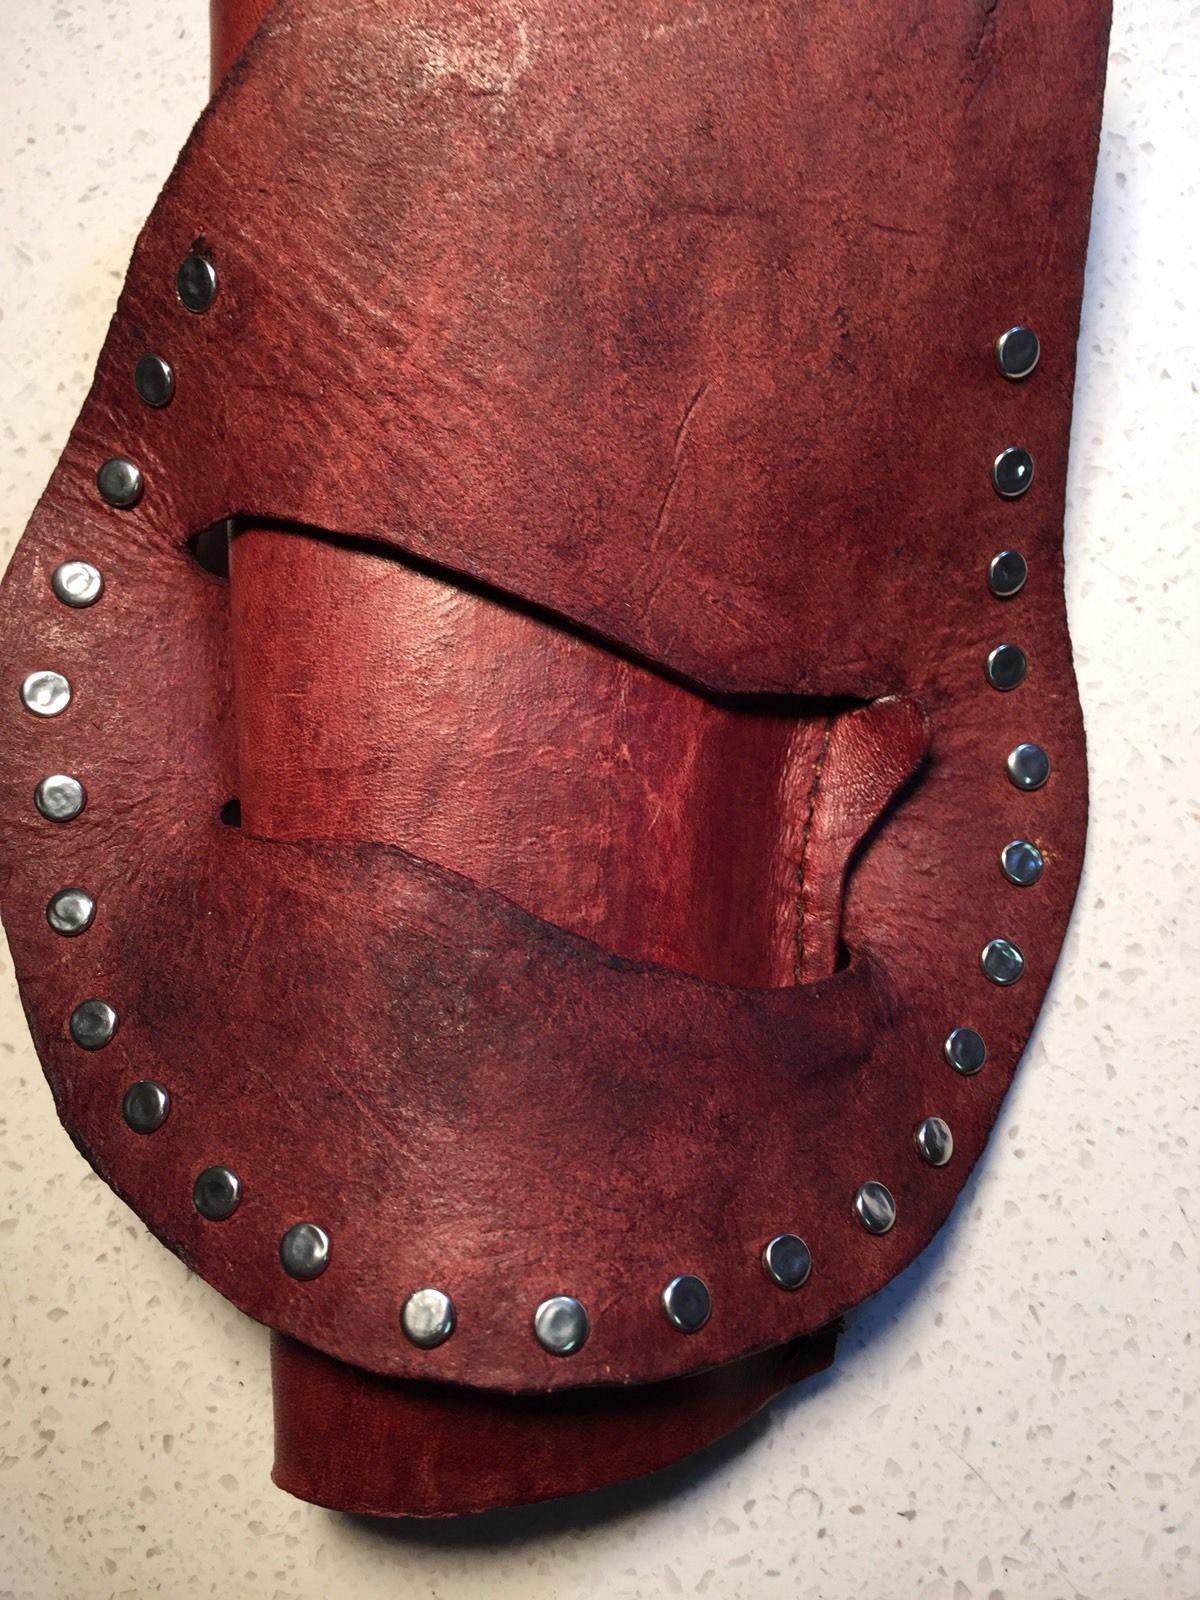 Handmade leather gun holster custom carving holsters